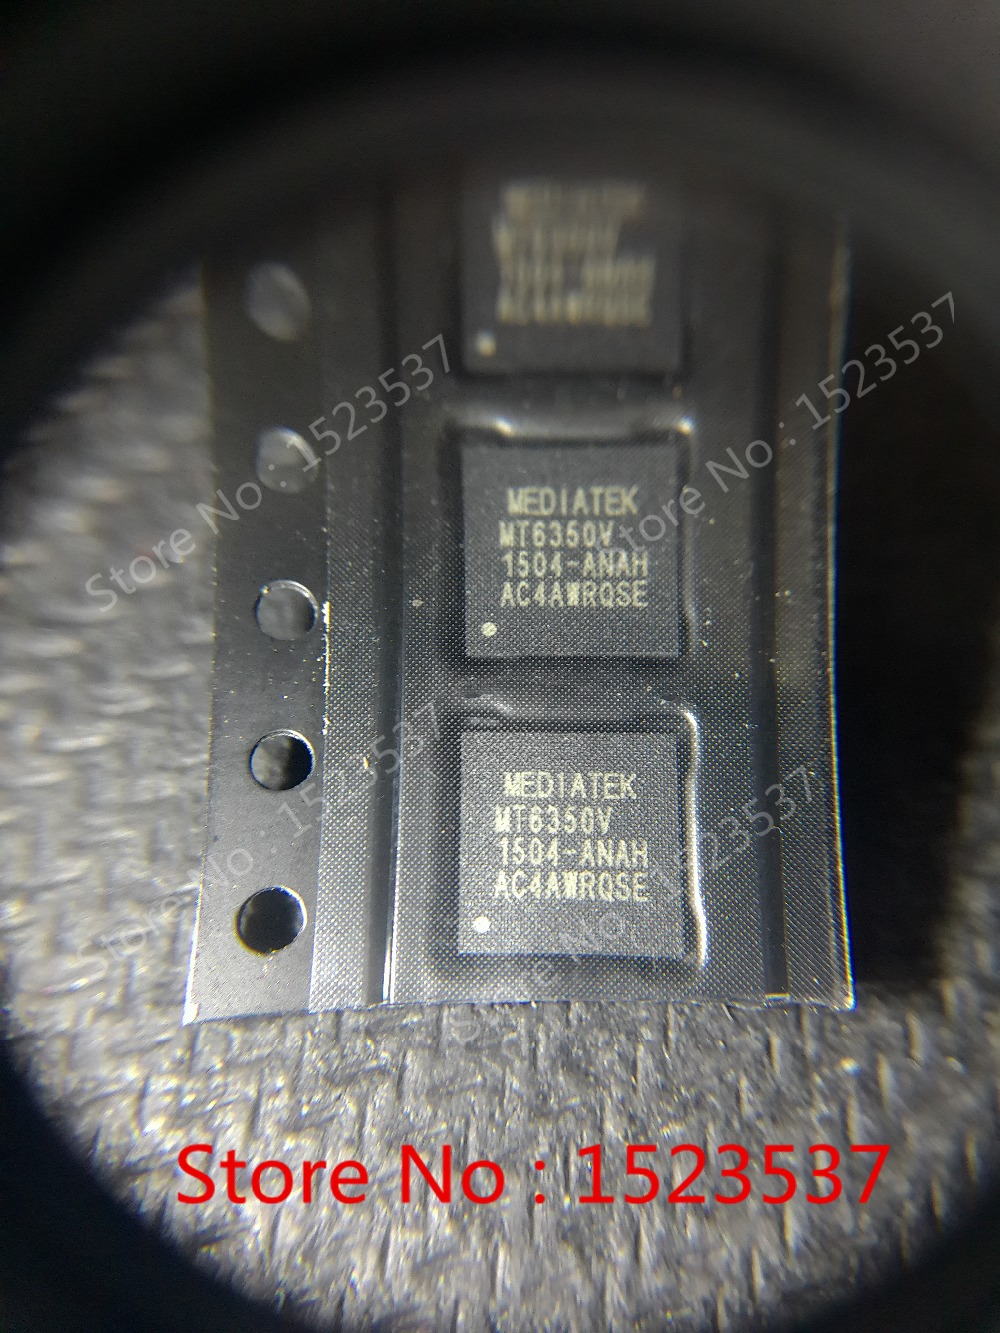 Ic Power Mtk Mt6350v Lihat Daftar Harga Terbaru Dan Terlengkap S2mu005x Samsung J7 Prime Kd 002501 1 Ps Lote Um A Mt6350 Para Mediatek Chip De Potncia